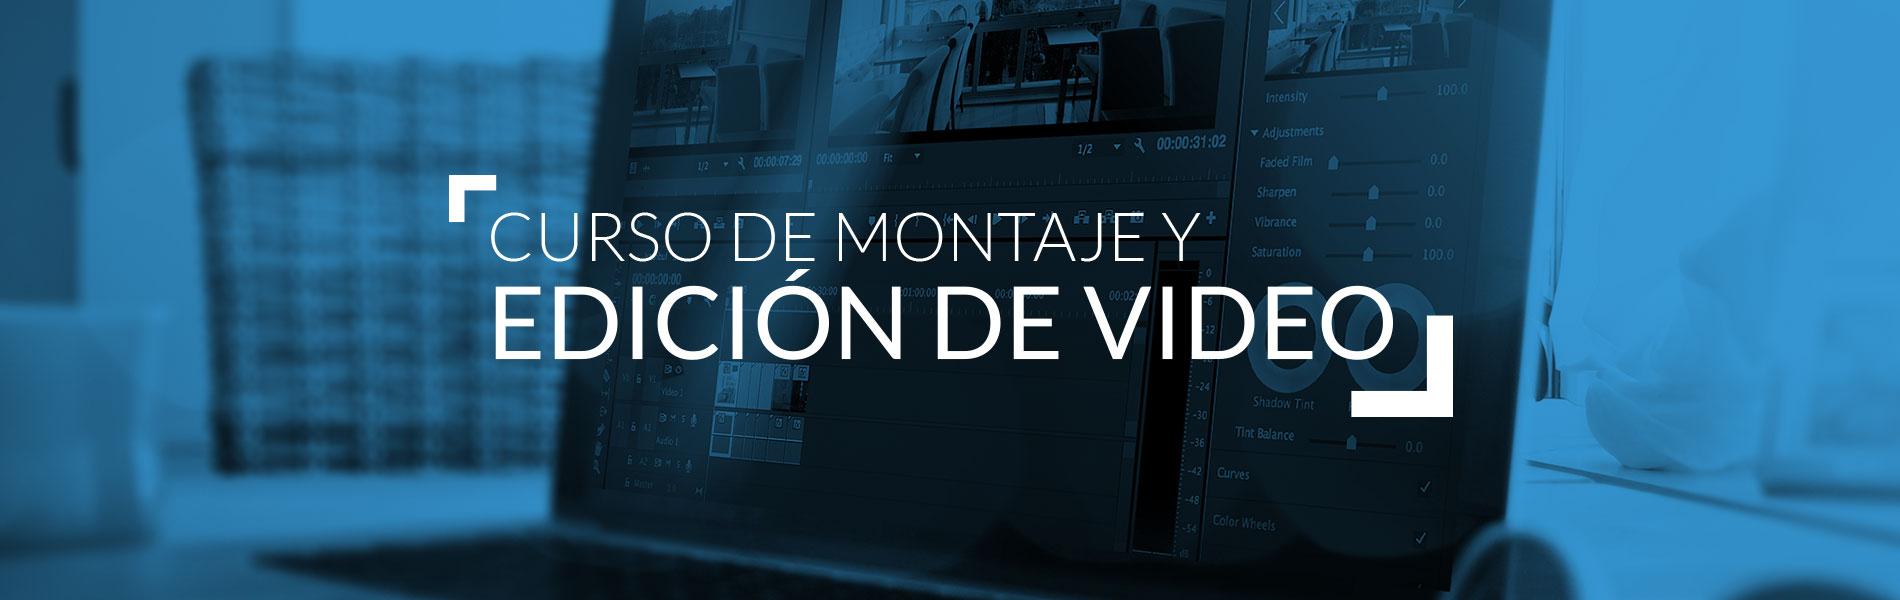 Curso de Montaje y edicion de video